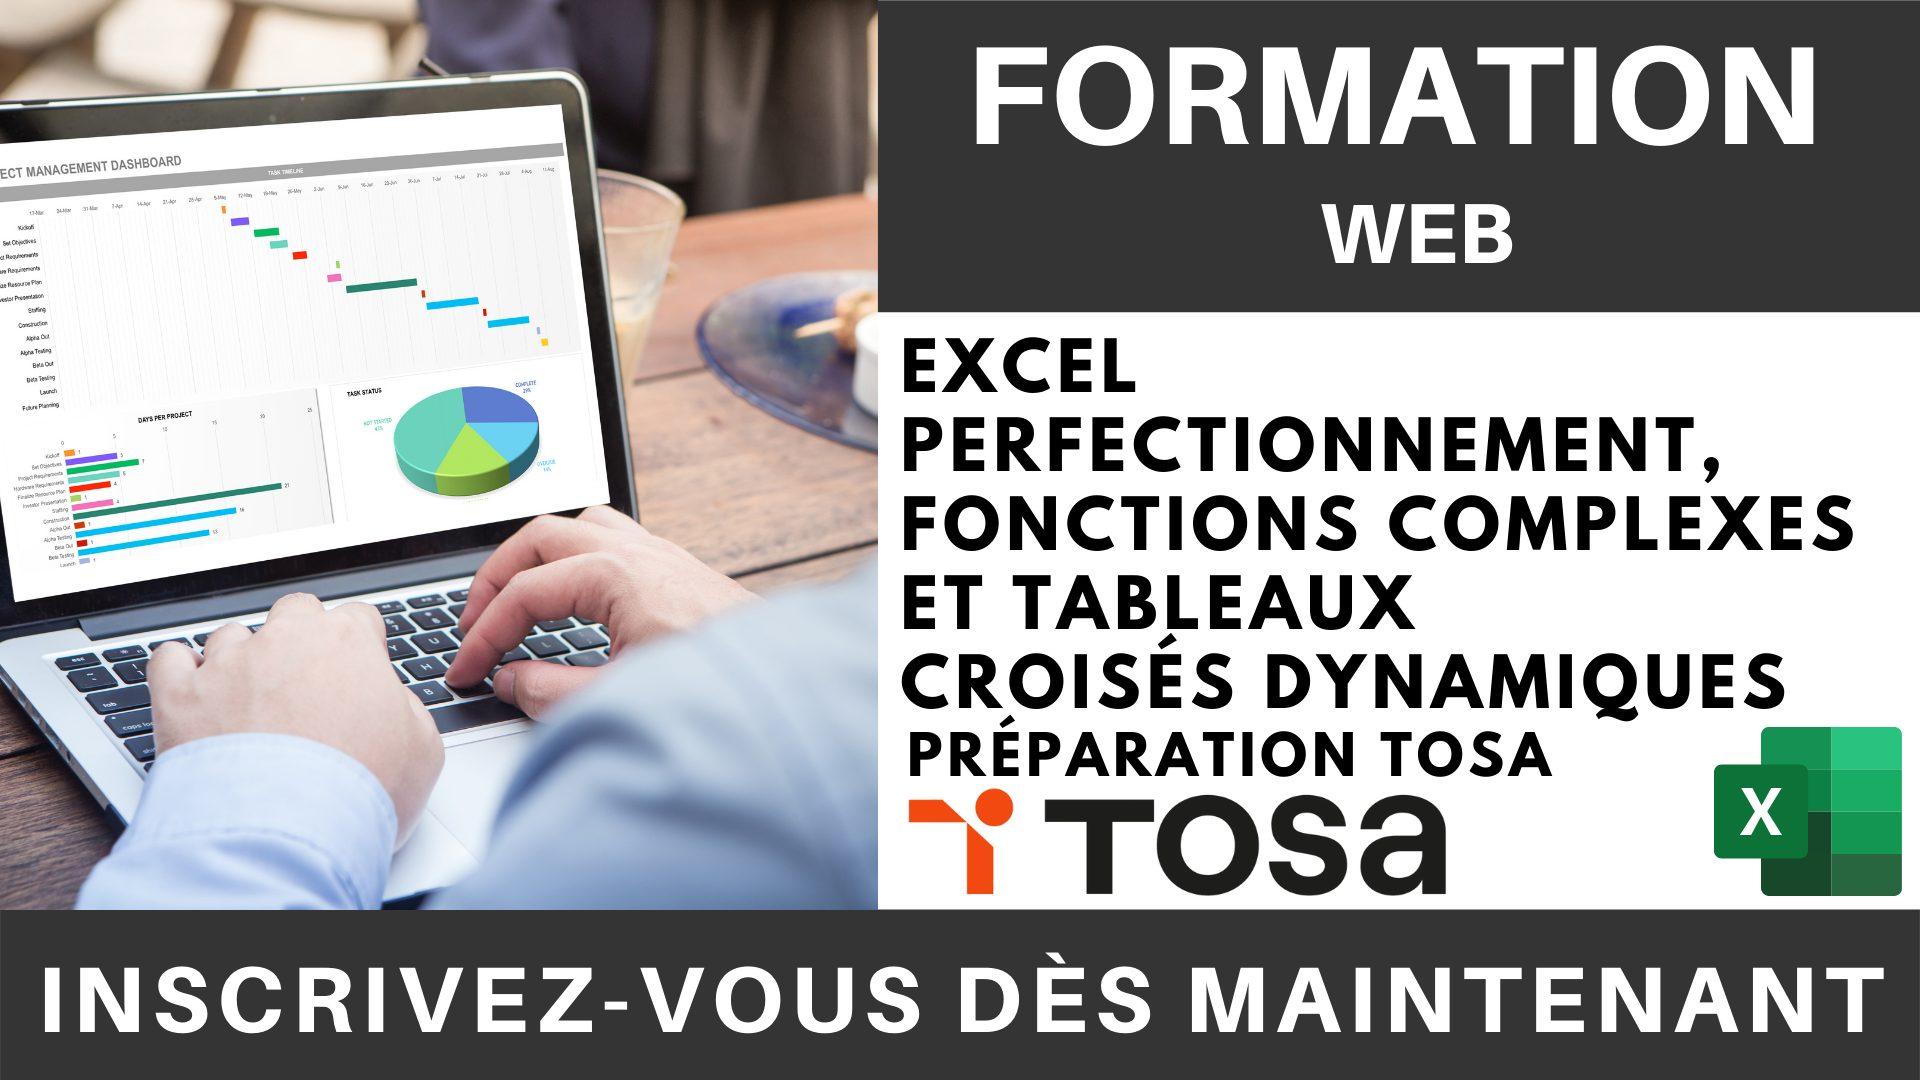 Formation Web - Excel Perfectionnement, Fonctions complexes et Tableaux croisés dynamiques - Préparation TOSA